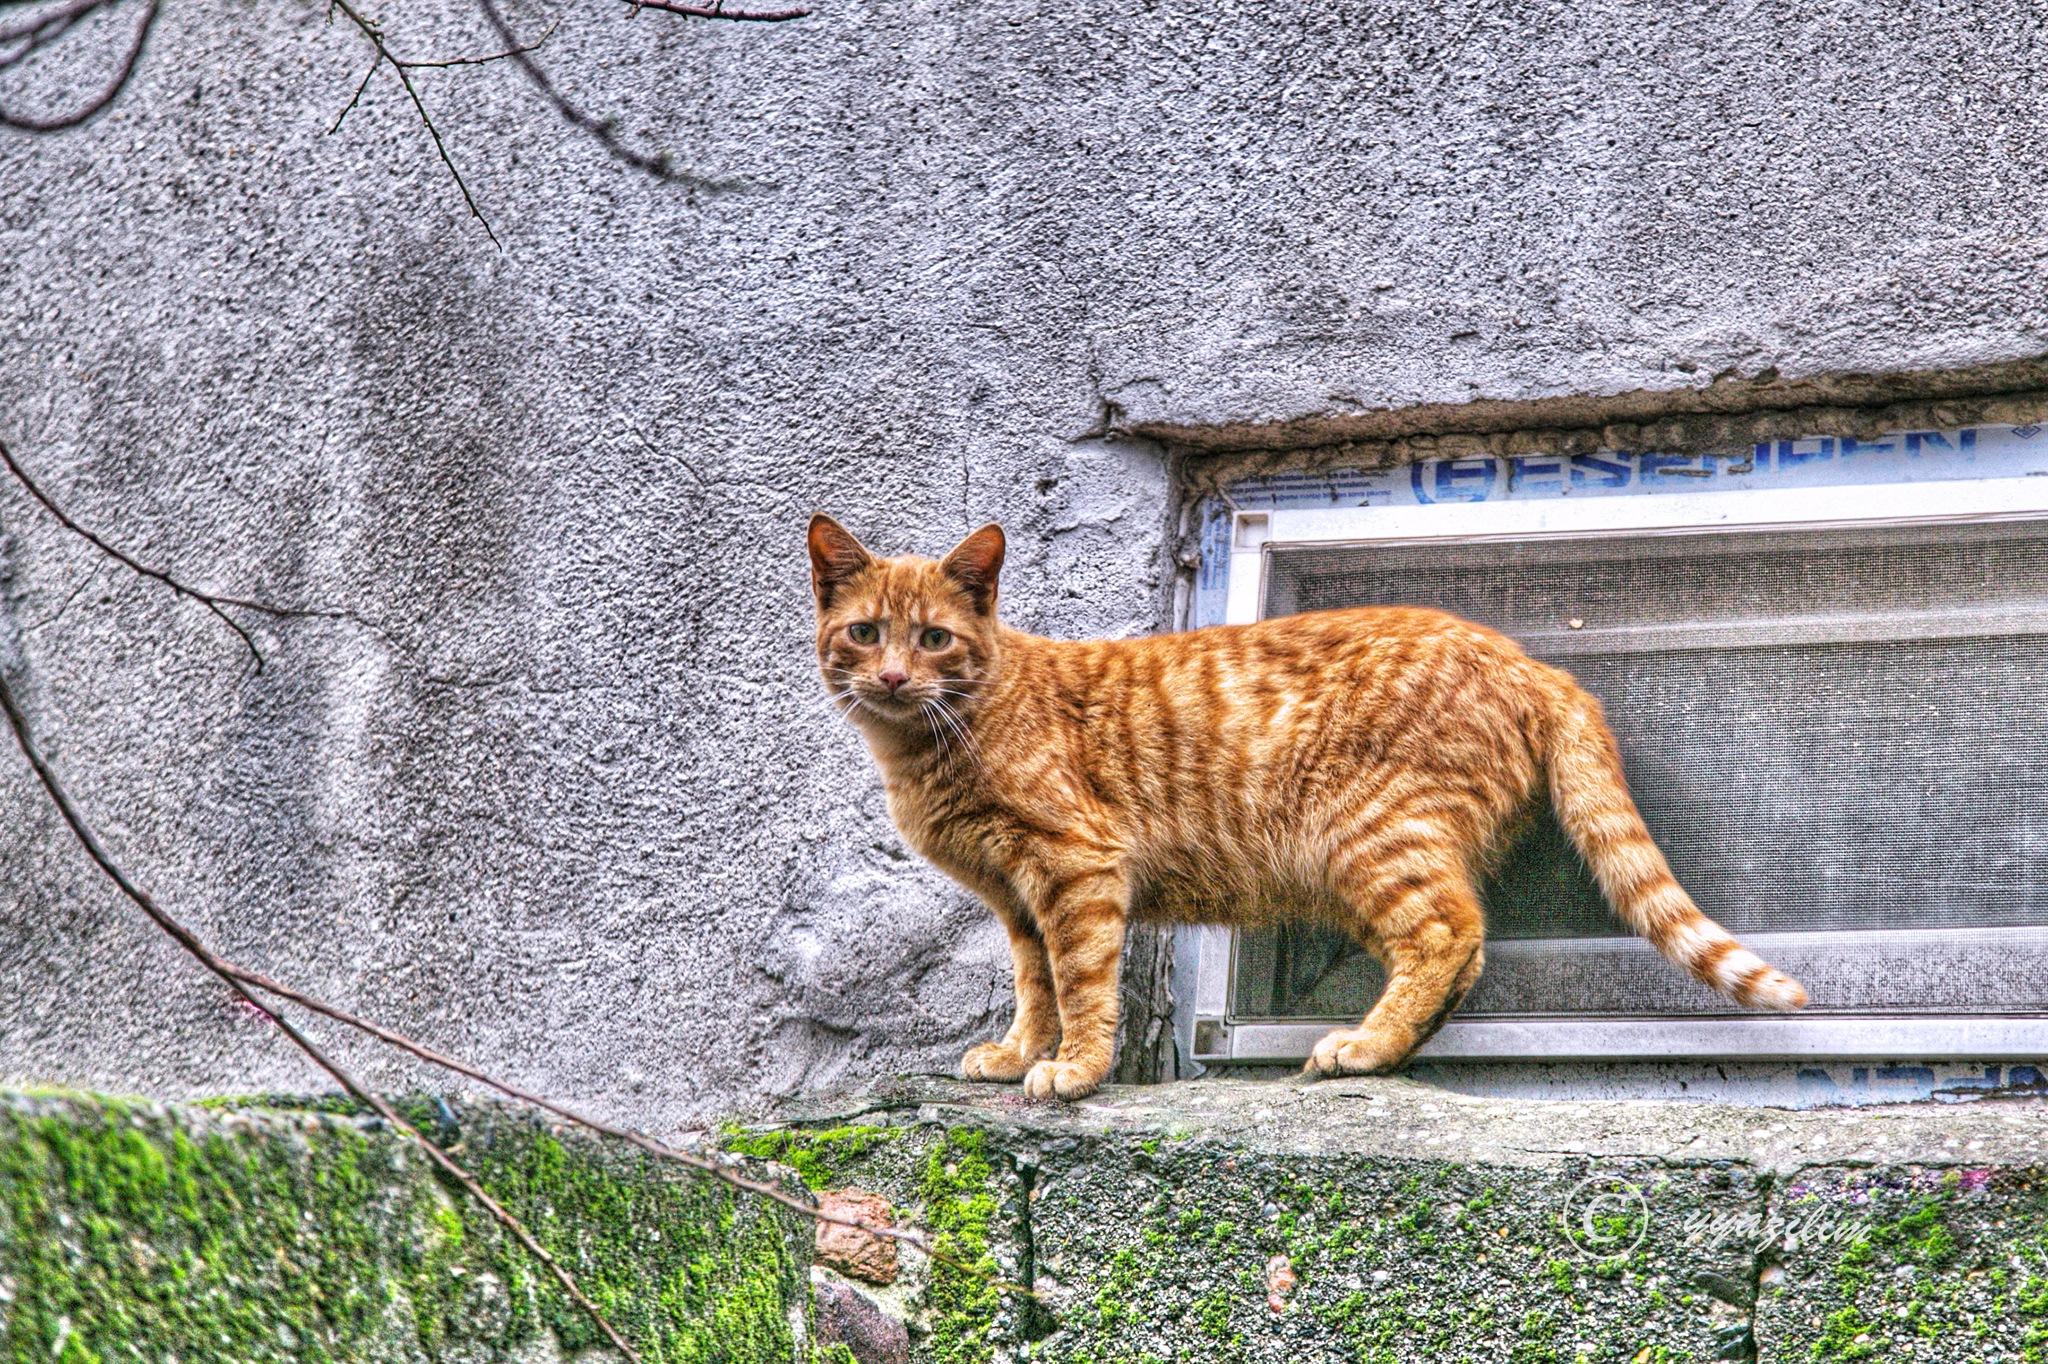 Duvardaki sarı kedi by İbrahim YILDIZ